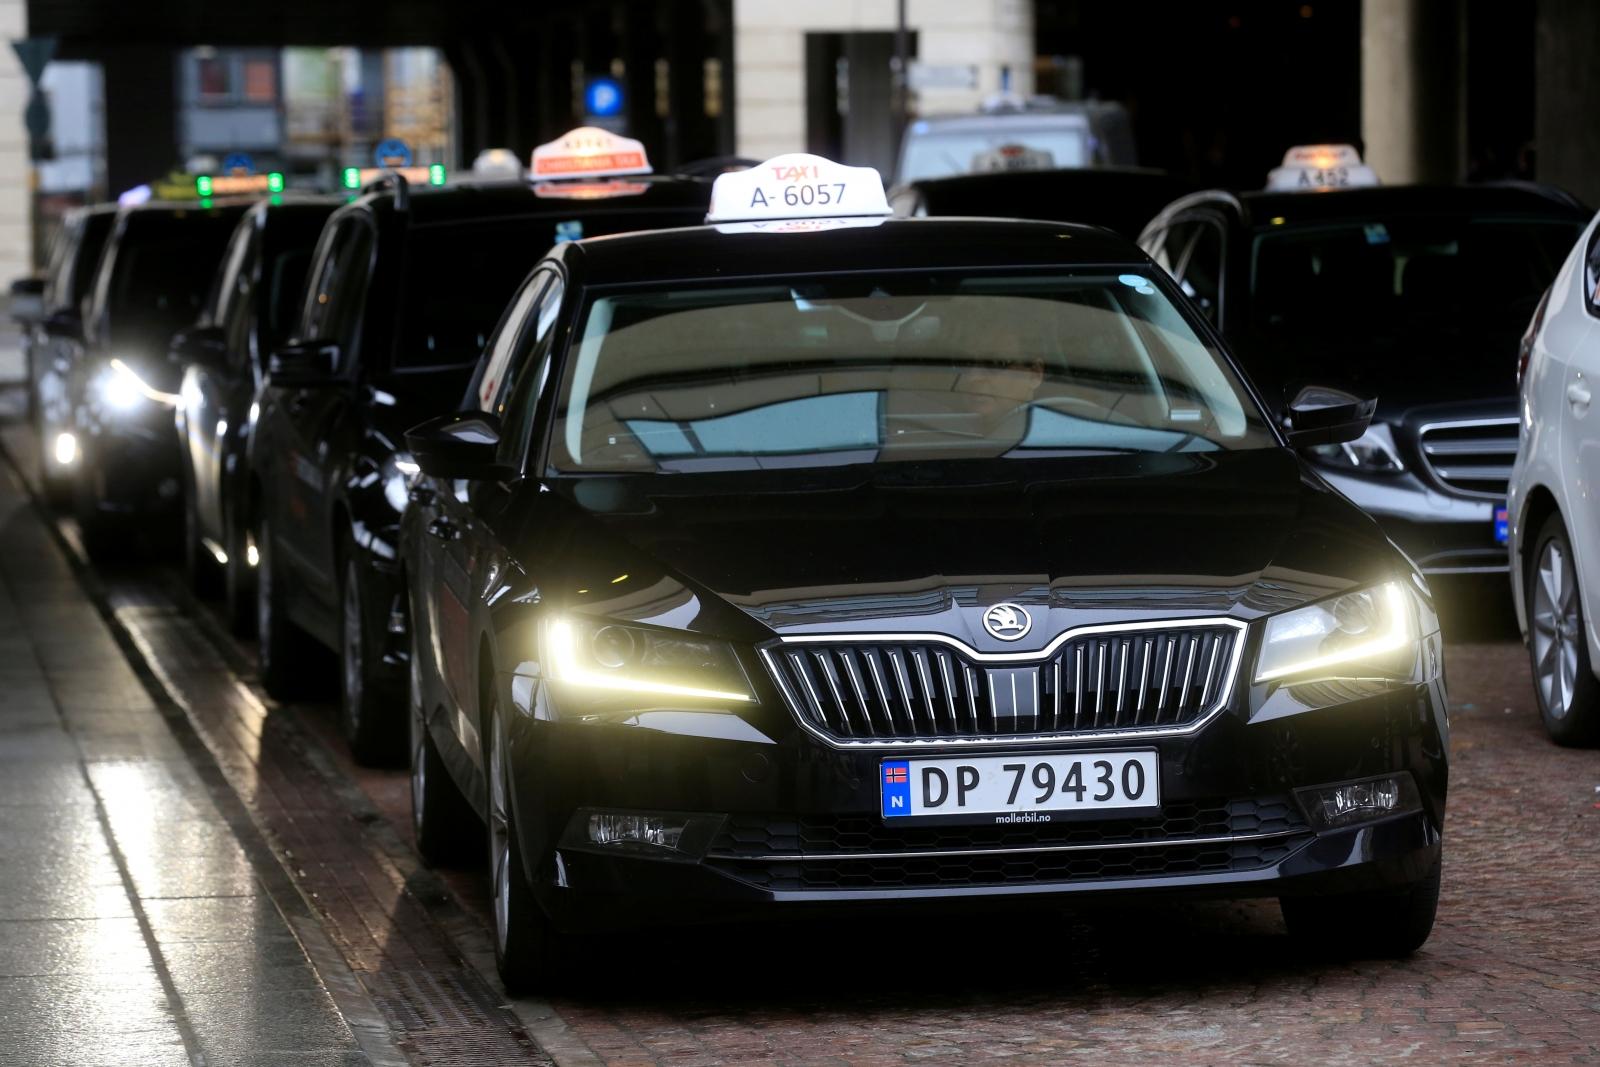 Copenhagen to Oslo taxi